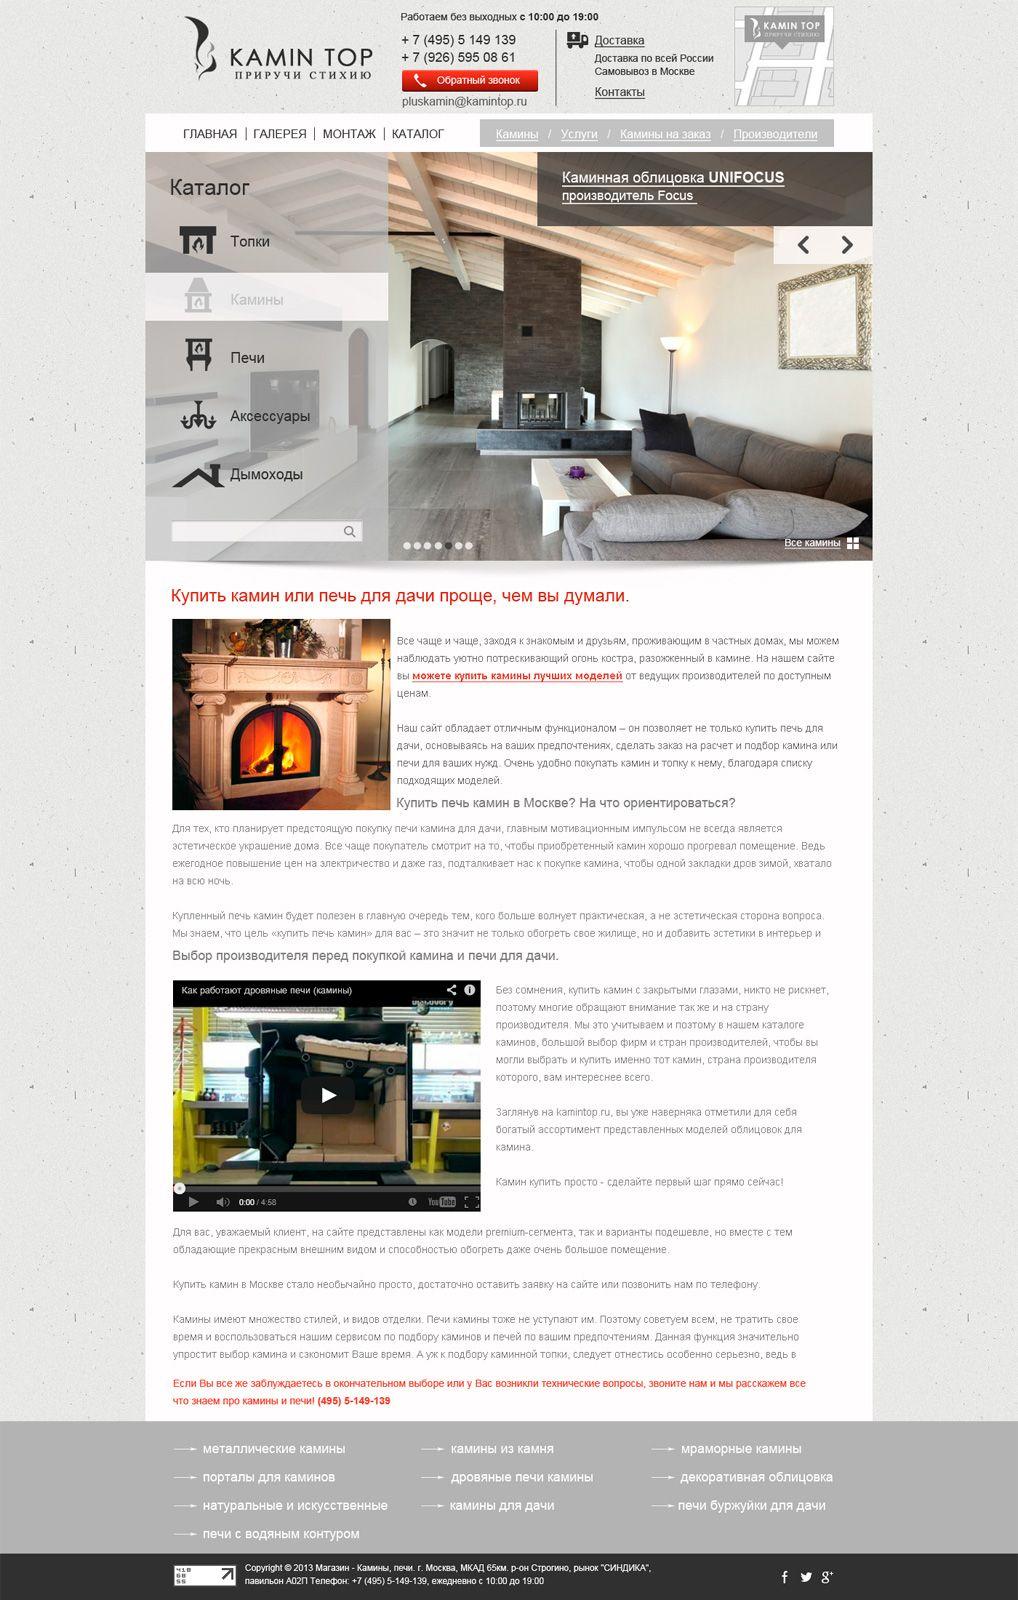 Дизайн сайта интернет магазина - дизайнер flaffi555